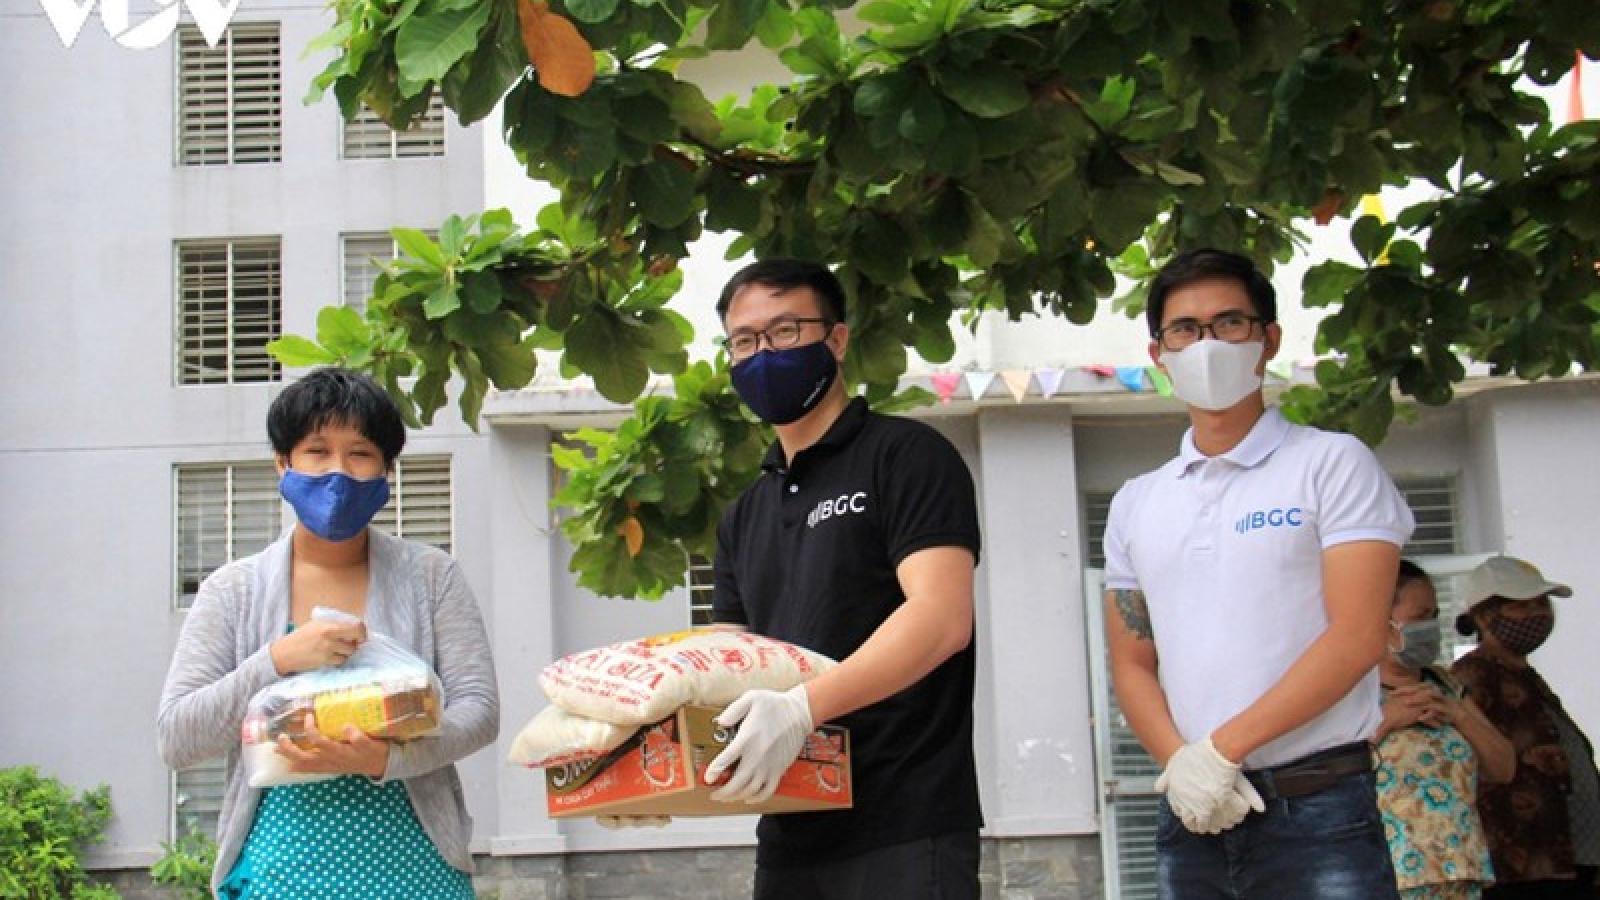 Nhóm bạn trẻ Đà Nẵng hỗ trợ người khó khăn giữa vùng dịch Covid-19